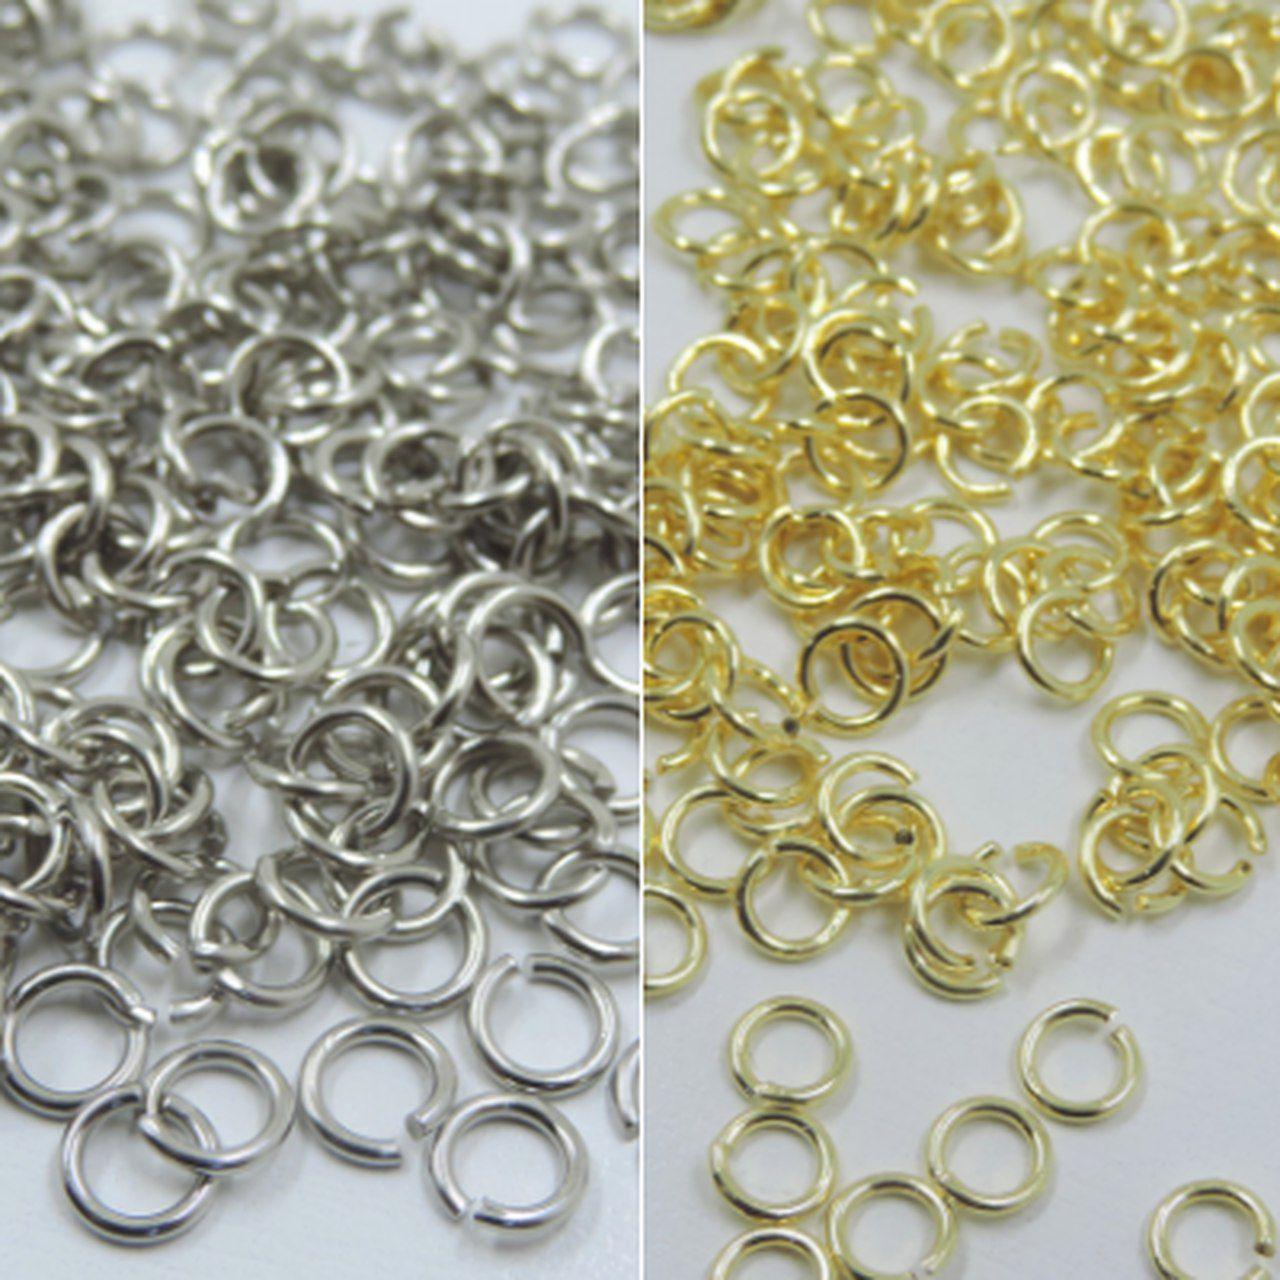 argolinhas para correntes em bijuterias e acessórios 25g